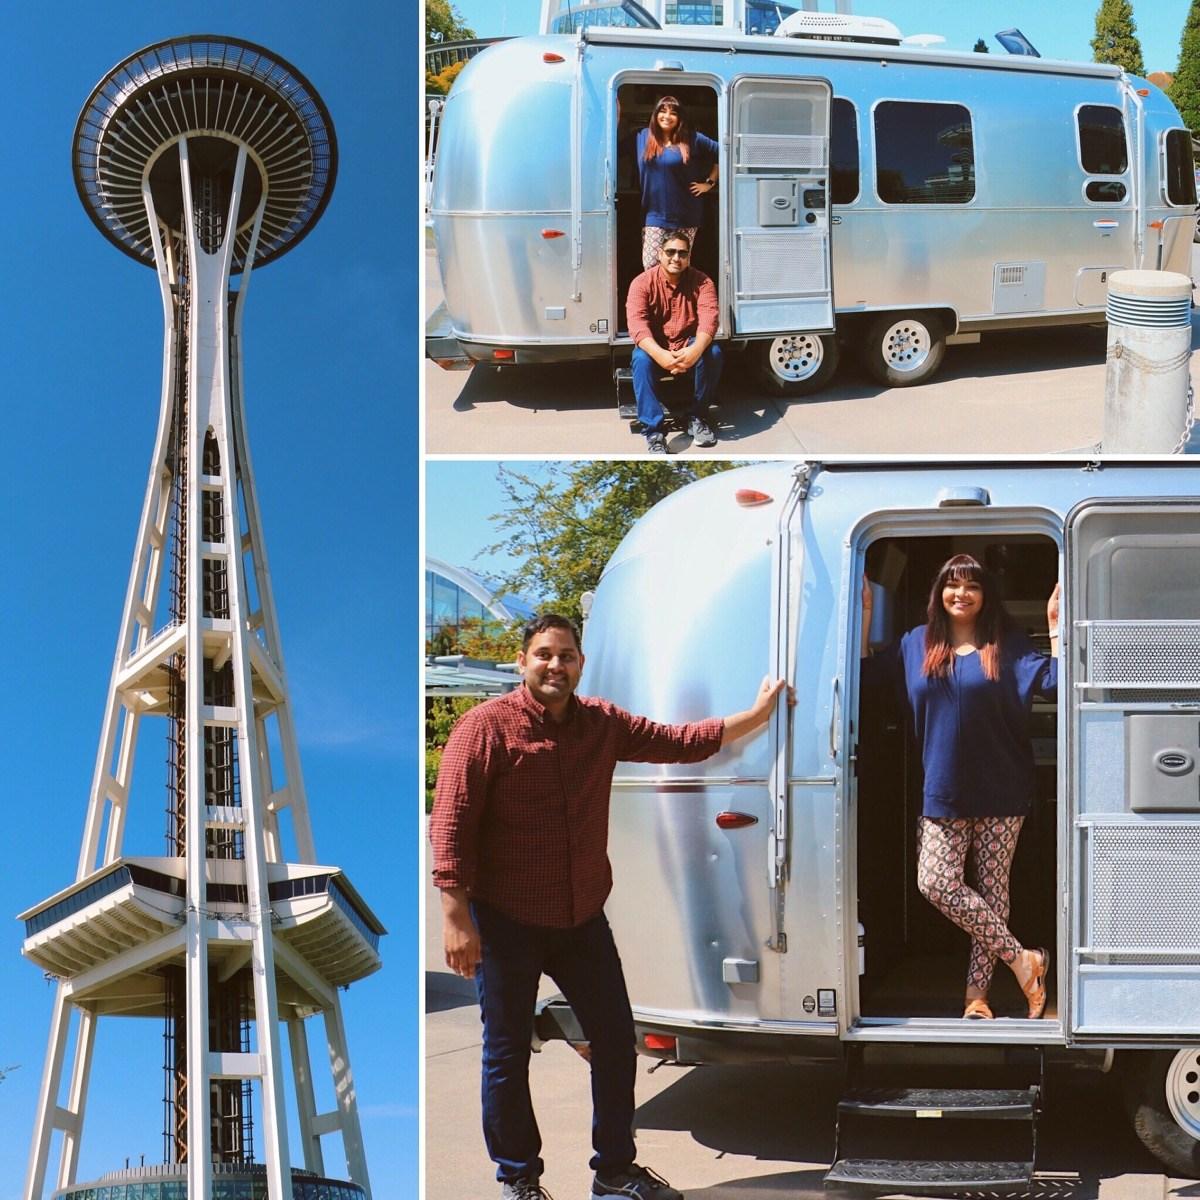 Endless Caravan: Brown People Camping Collage